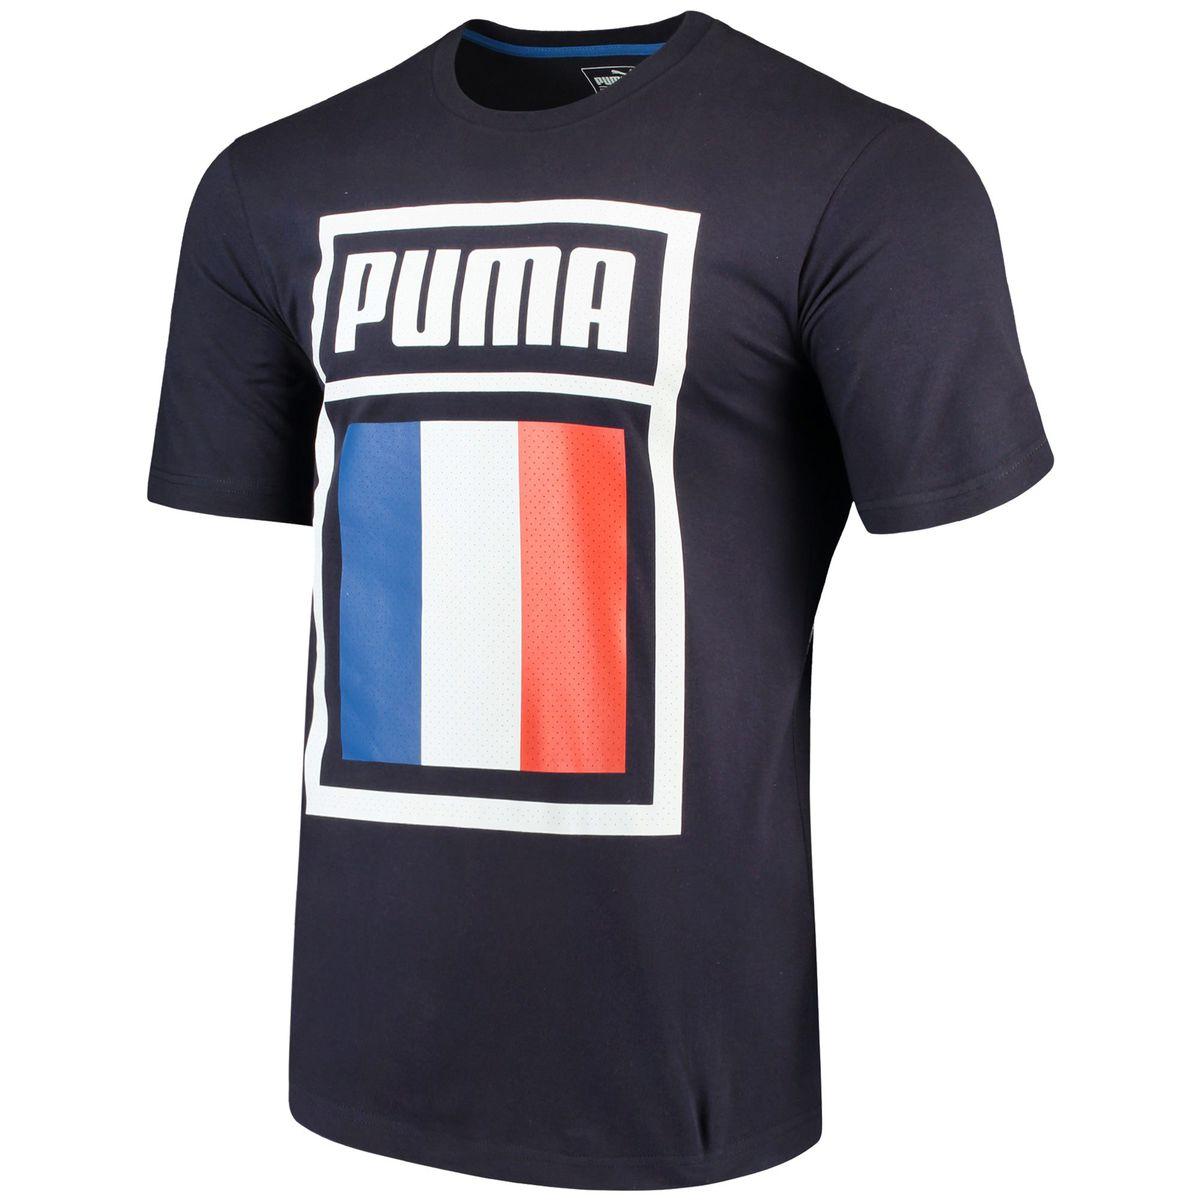 2304c50bb1e France National Team Puma Forever Football Country Cotton T-Shirt for   24.99 Fanatics